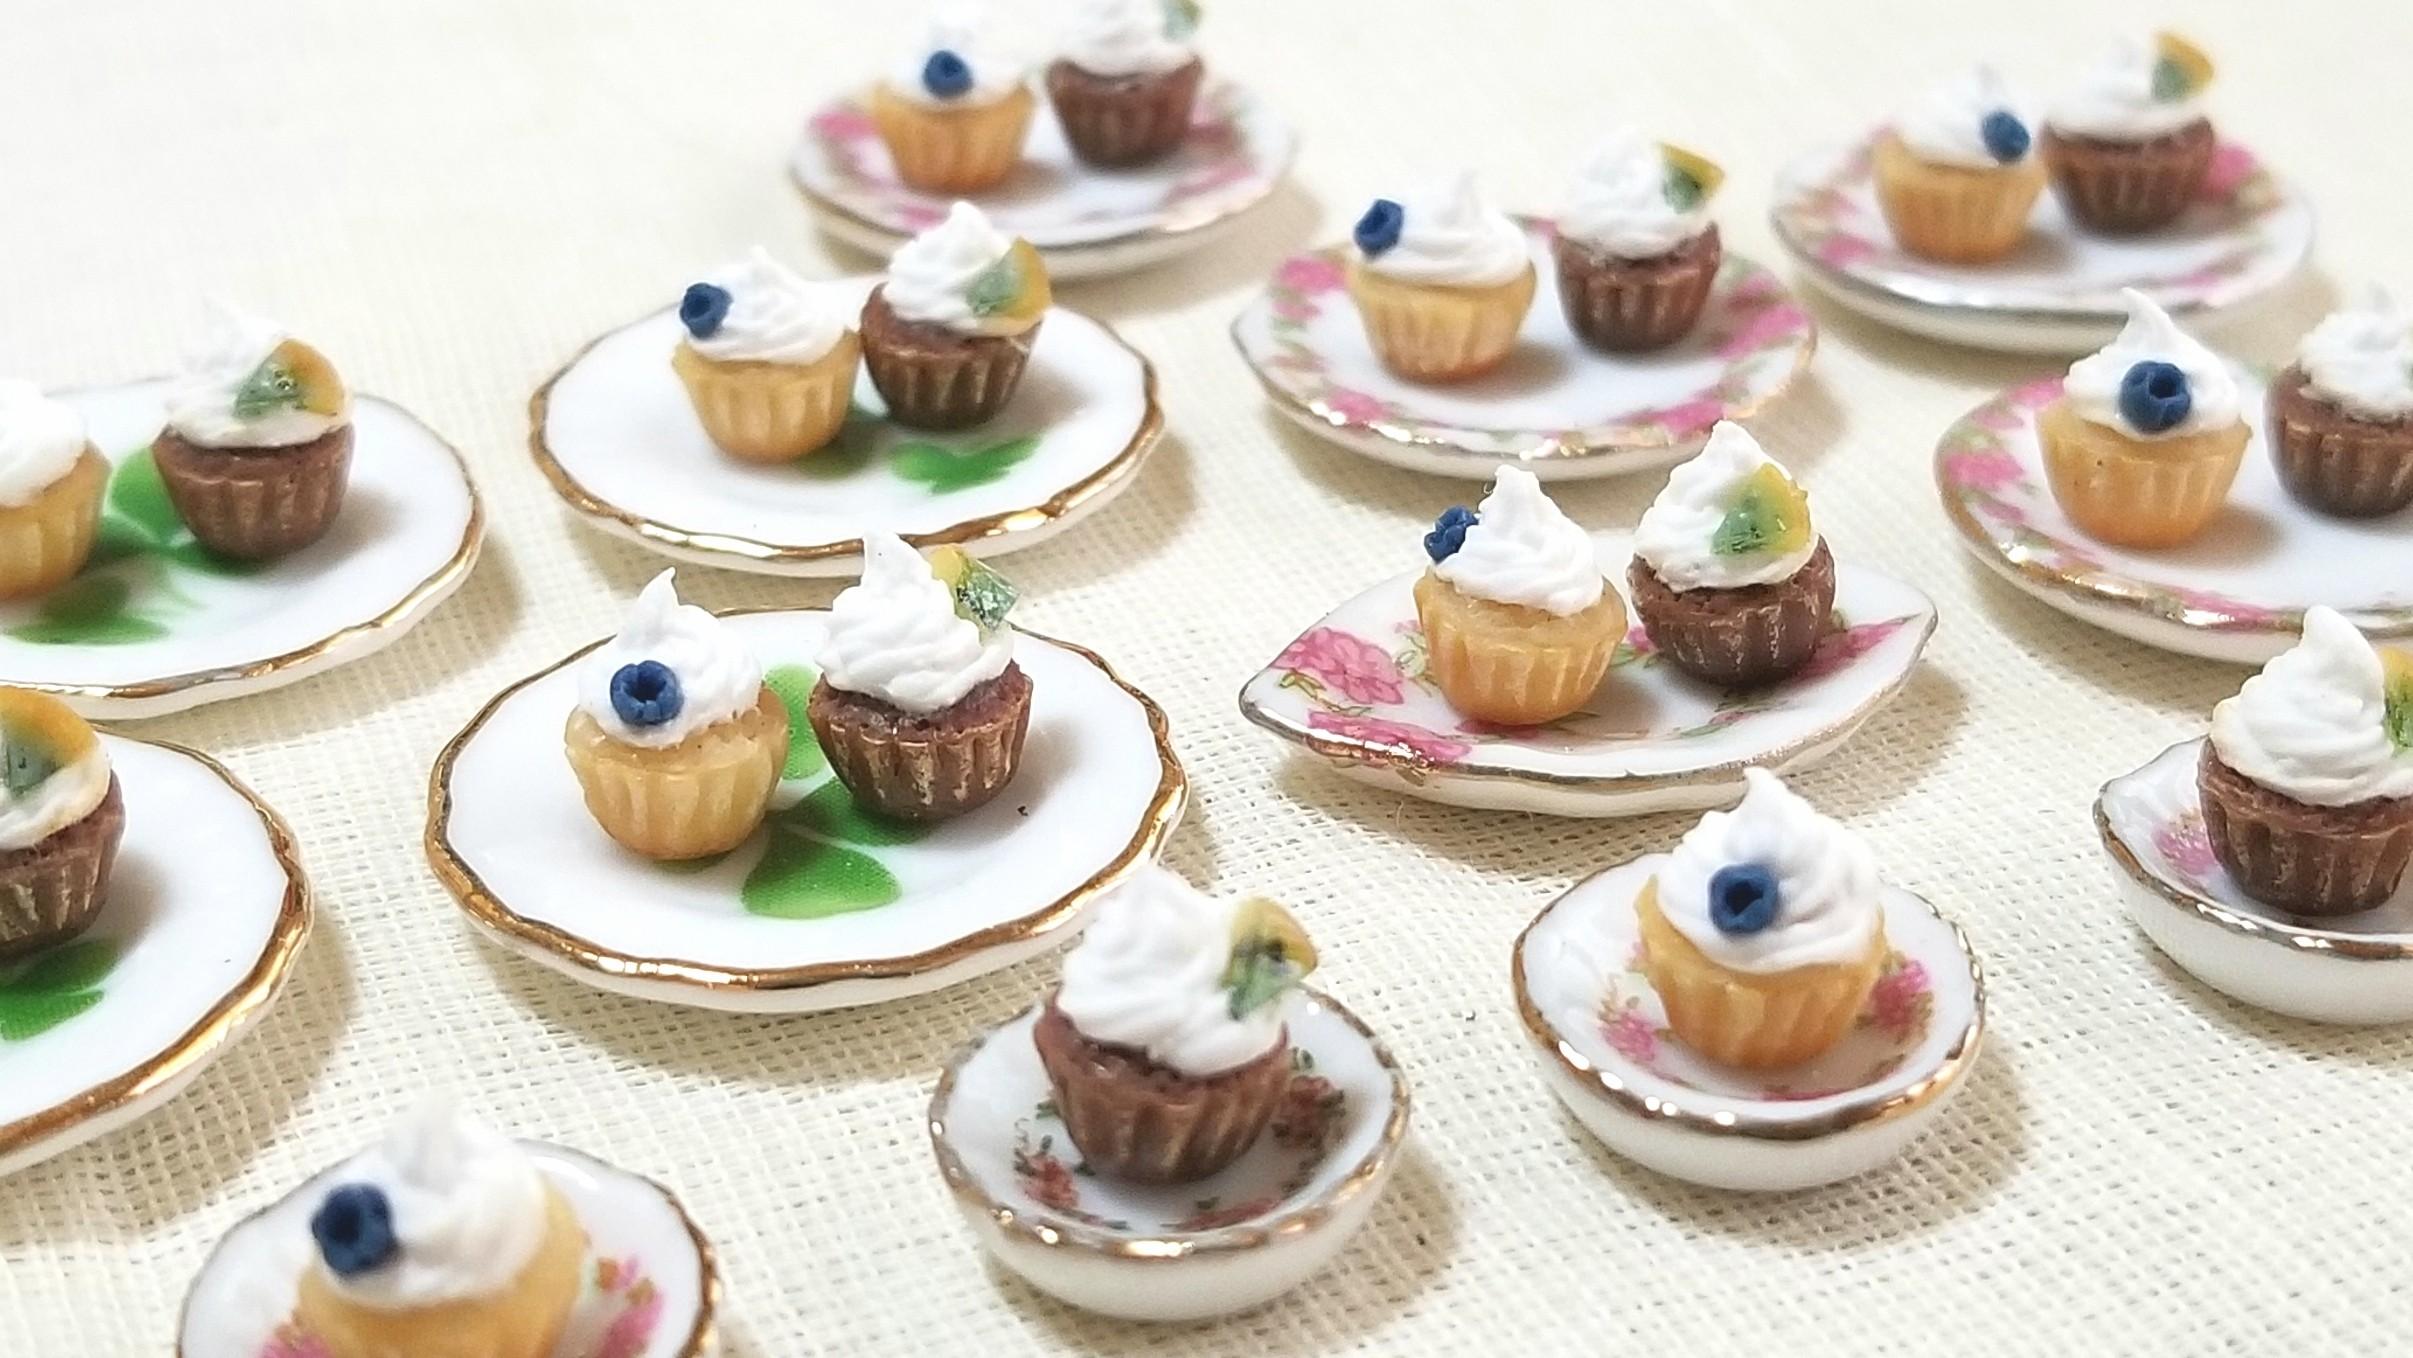 カップケーキ,ミニチュアフード,樹脂粘土,陶器のお皿,ドールハウス